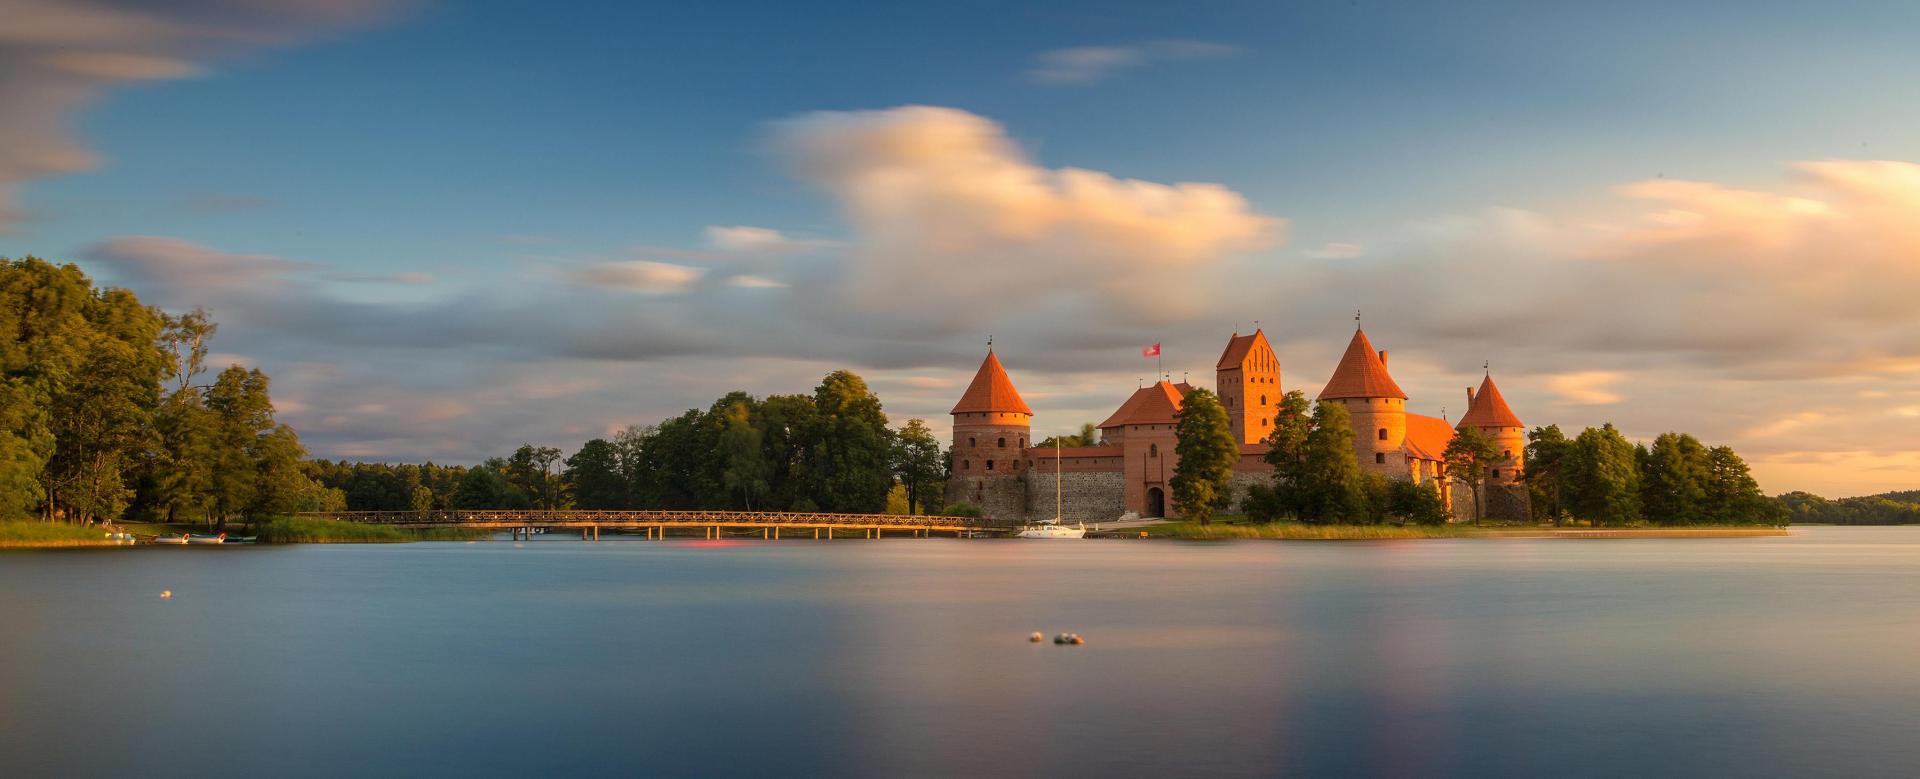 Voyage à pied : Pays baltes, joyaux de la baltique